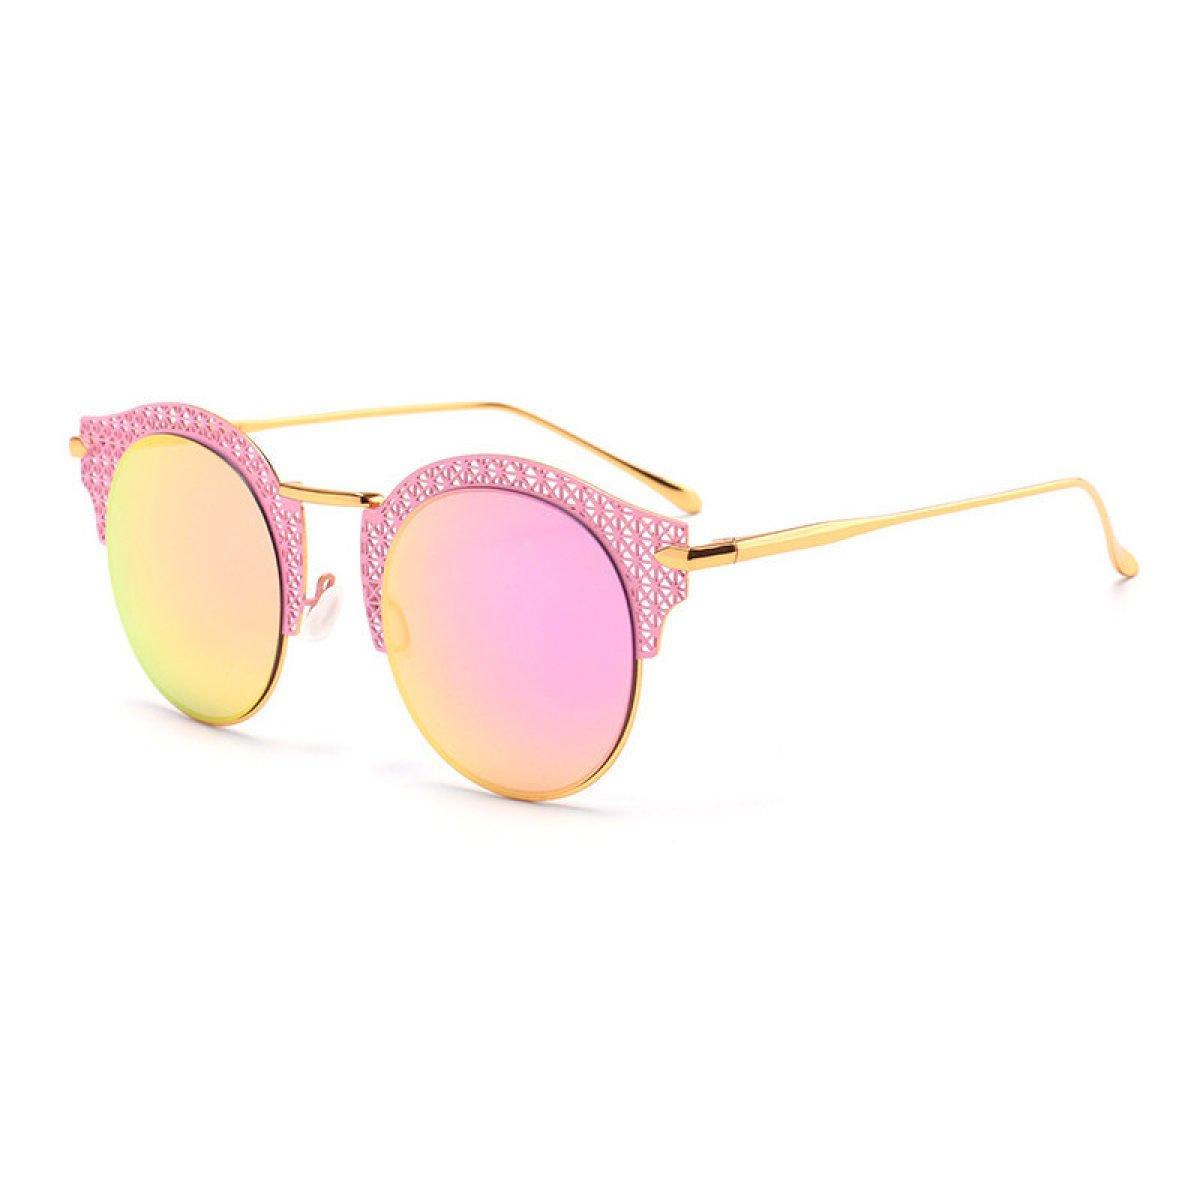 Wkaijc Mode Trend Farbfilm Formatfüllend Damen Persönlichkeit Komfort Reisen Strand Fahrer Sonnenbrille ,Gold